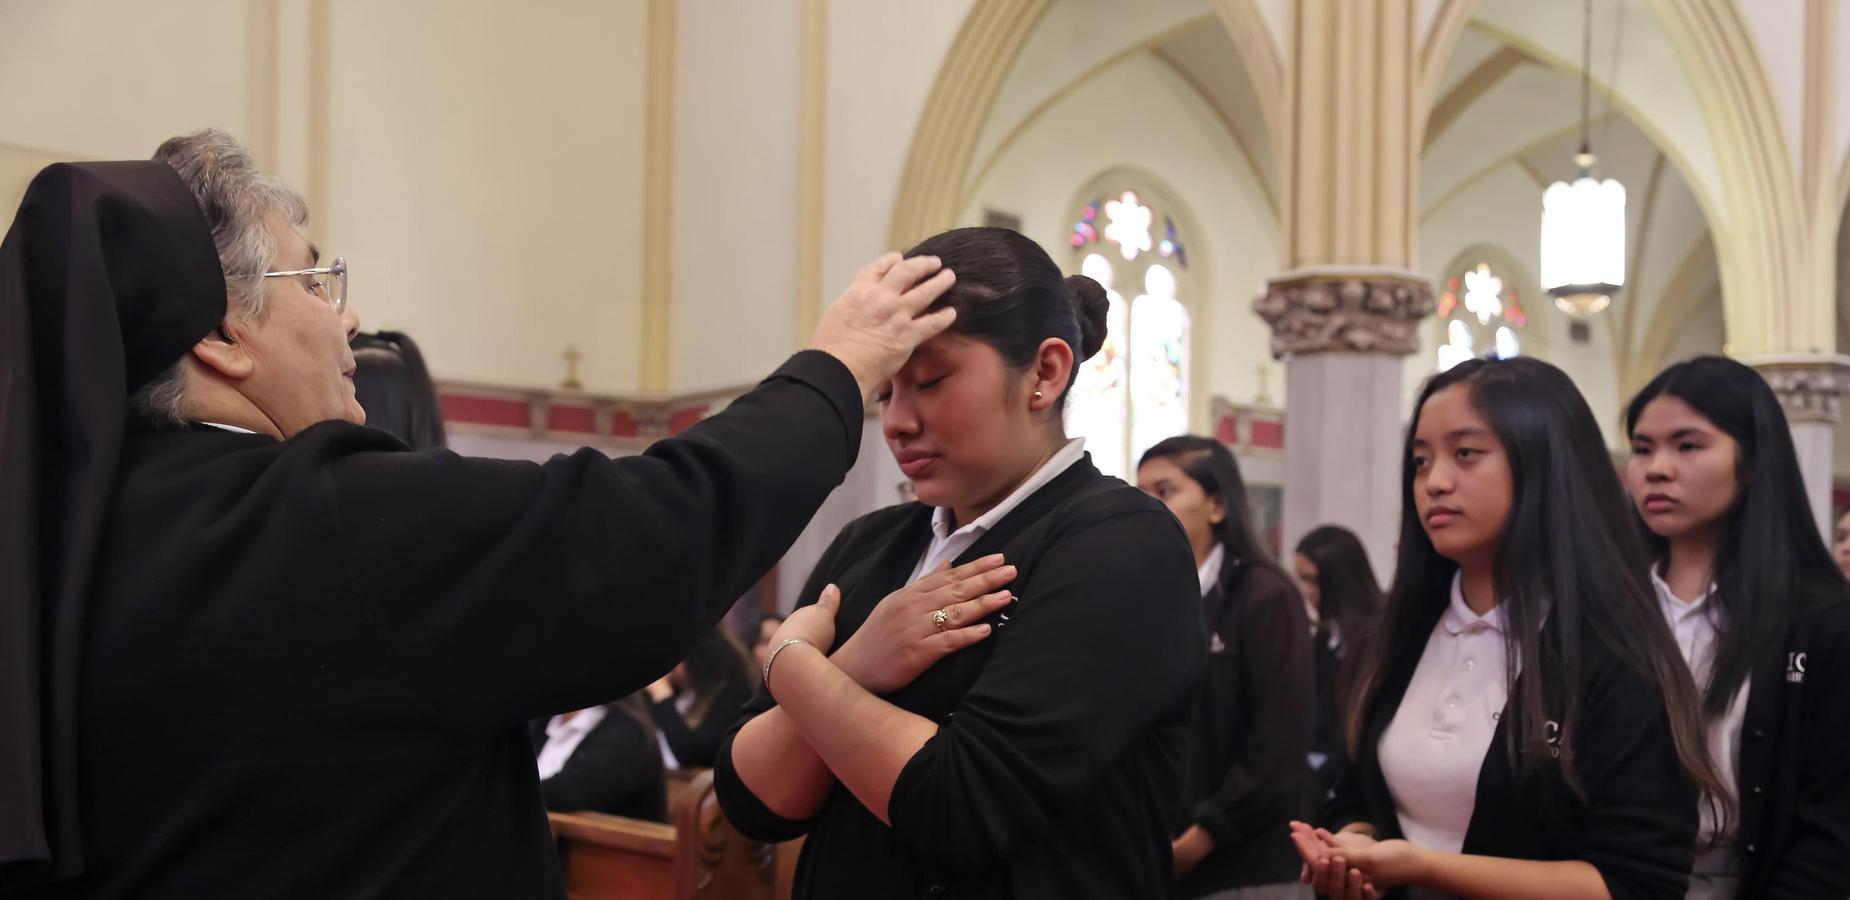 S. Diane blessing Junior at Junior Mass (Junior Ring Ceremony)